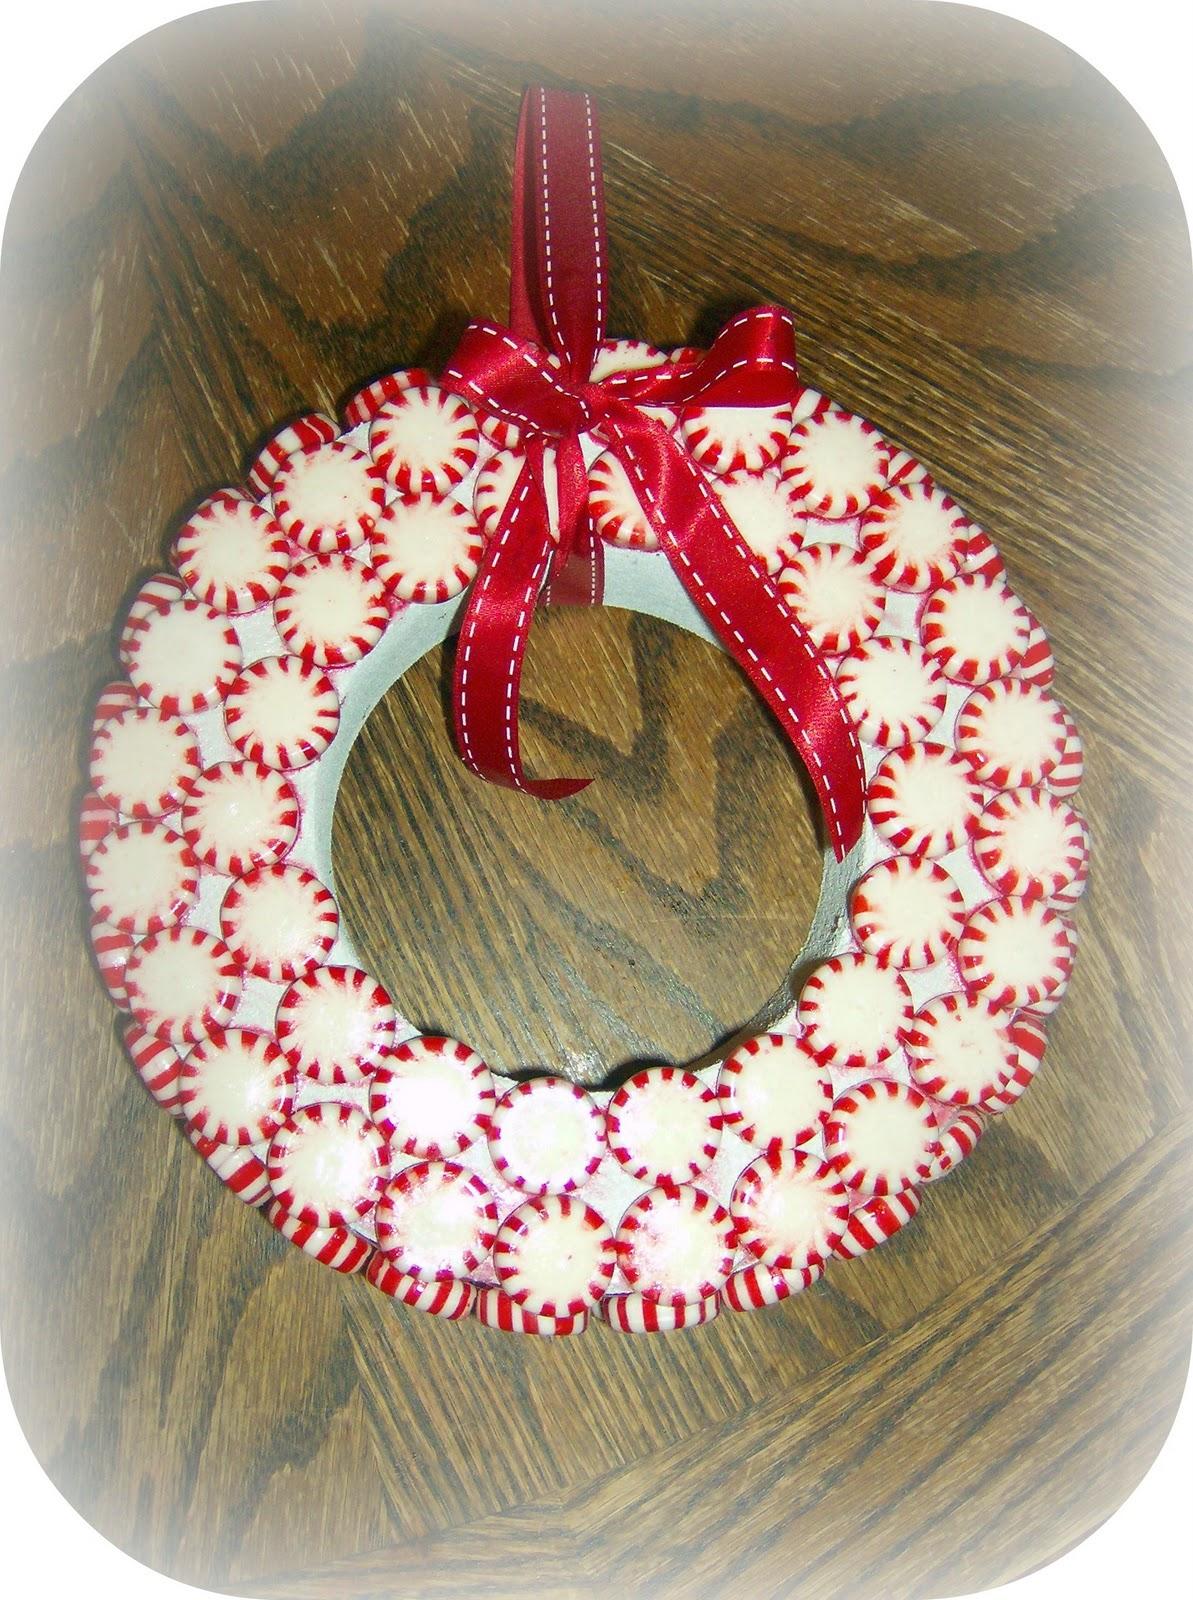 http://i0.wp.com/3.bp.blogspot.com/_SPehGi65iKU/TOcklOSIojI/AAAAAAAAAXQ/qw5lirE_Q-I/s1600/Peppermint+Wreath.jpg?resize=397%2C533